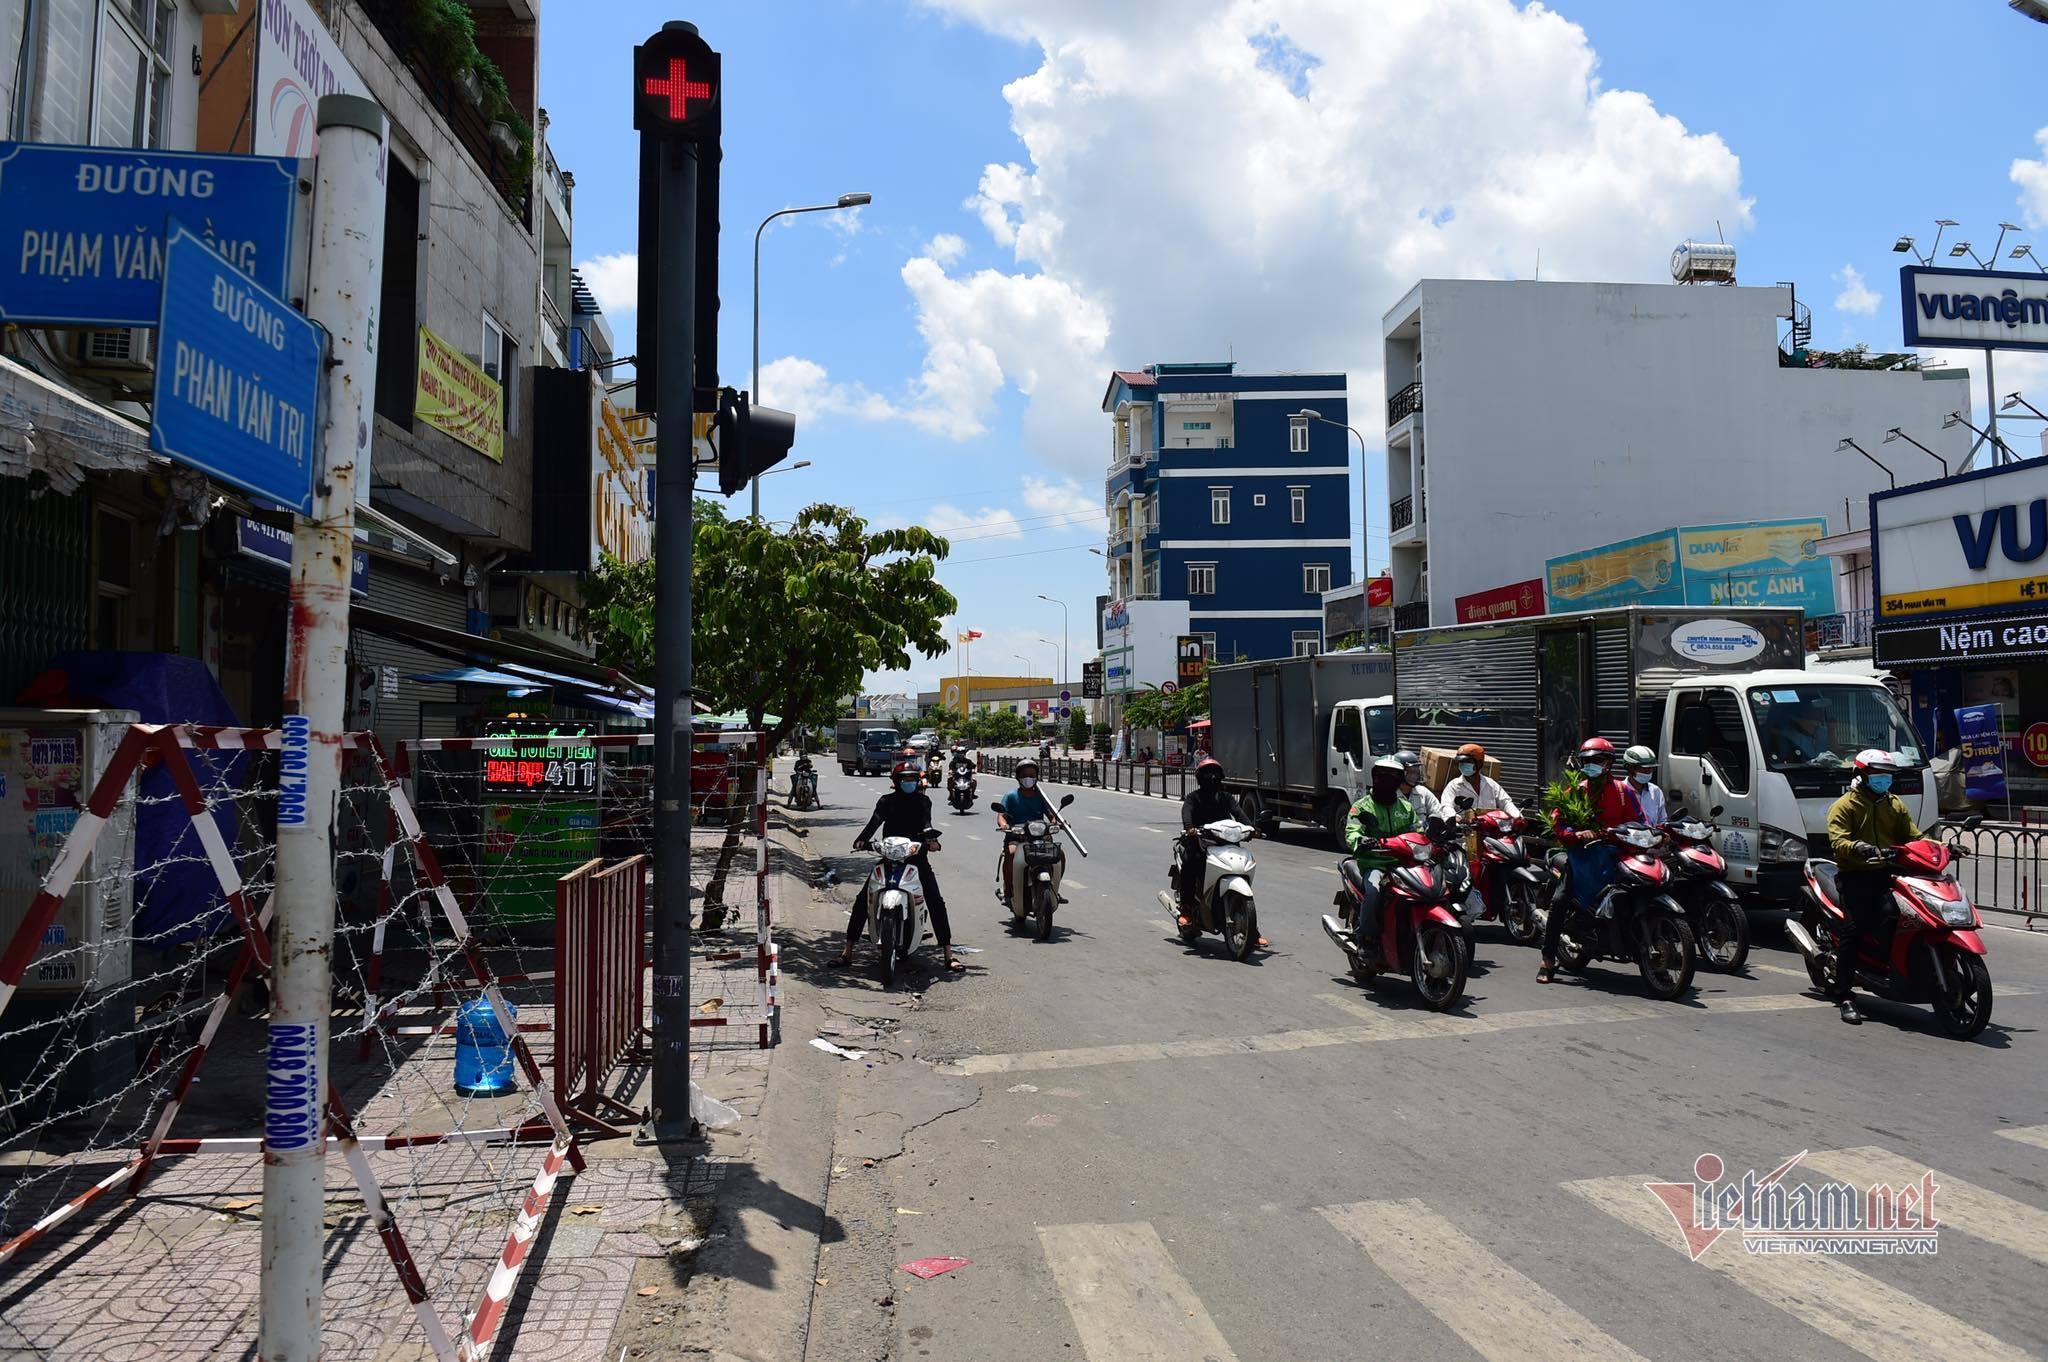 Quận Gò Vấp tạm dỡ chốt phong tỏa trên đường Phan Văn Trị